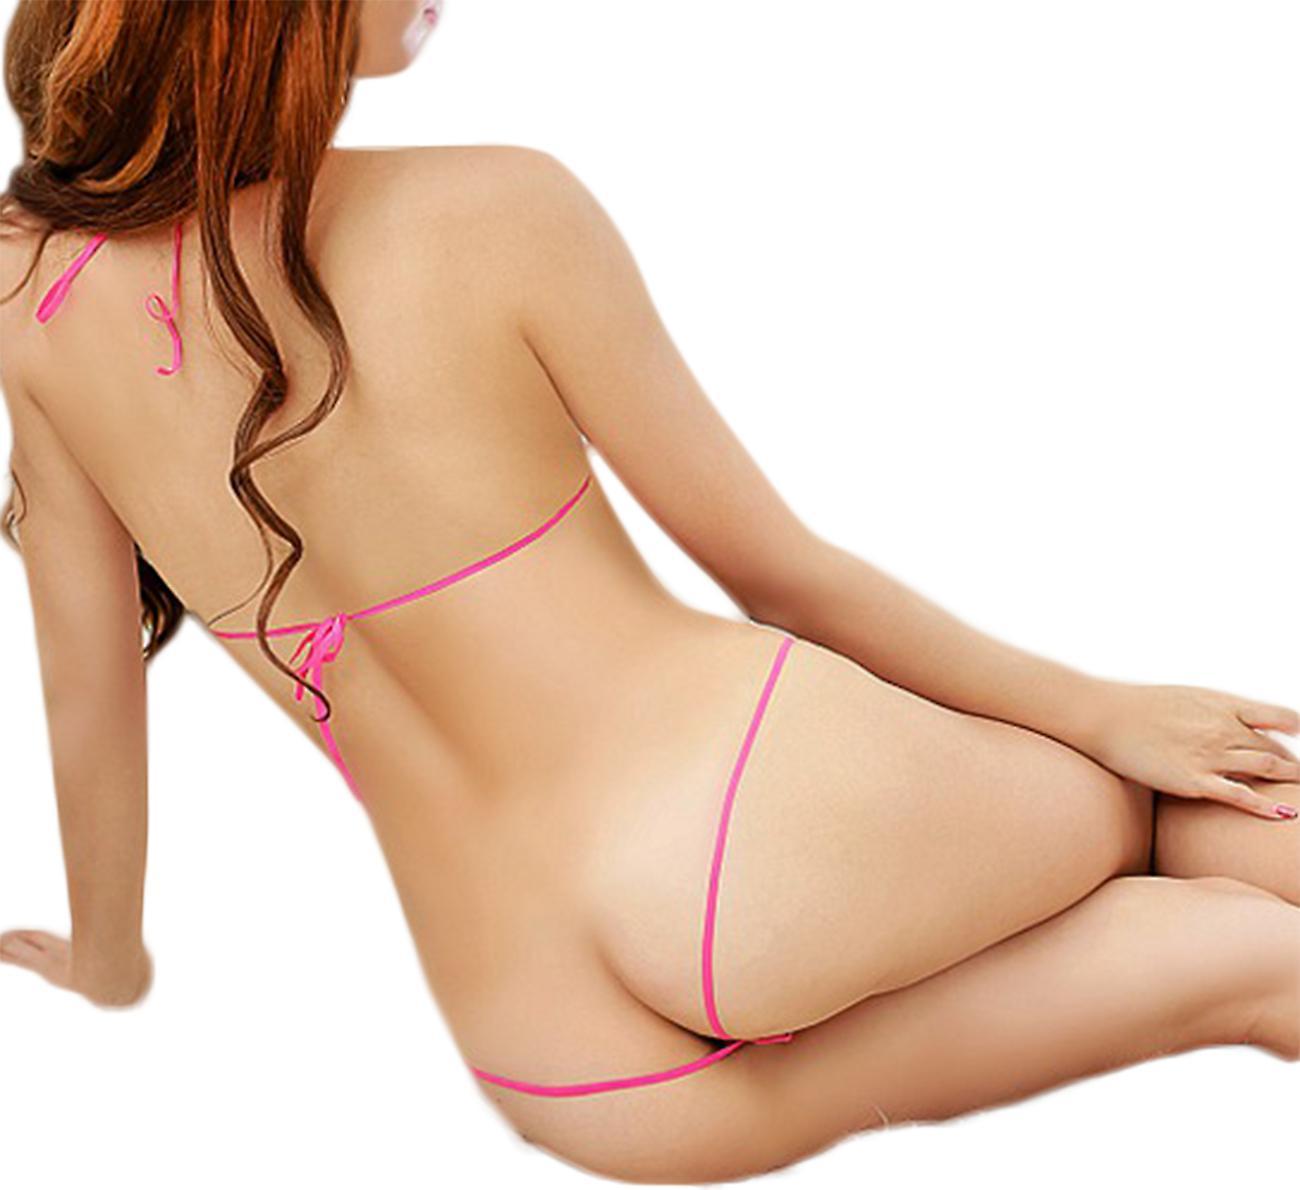 Waooh69 - open lingerie set Xent